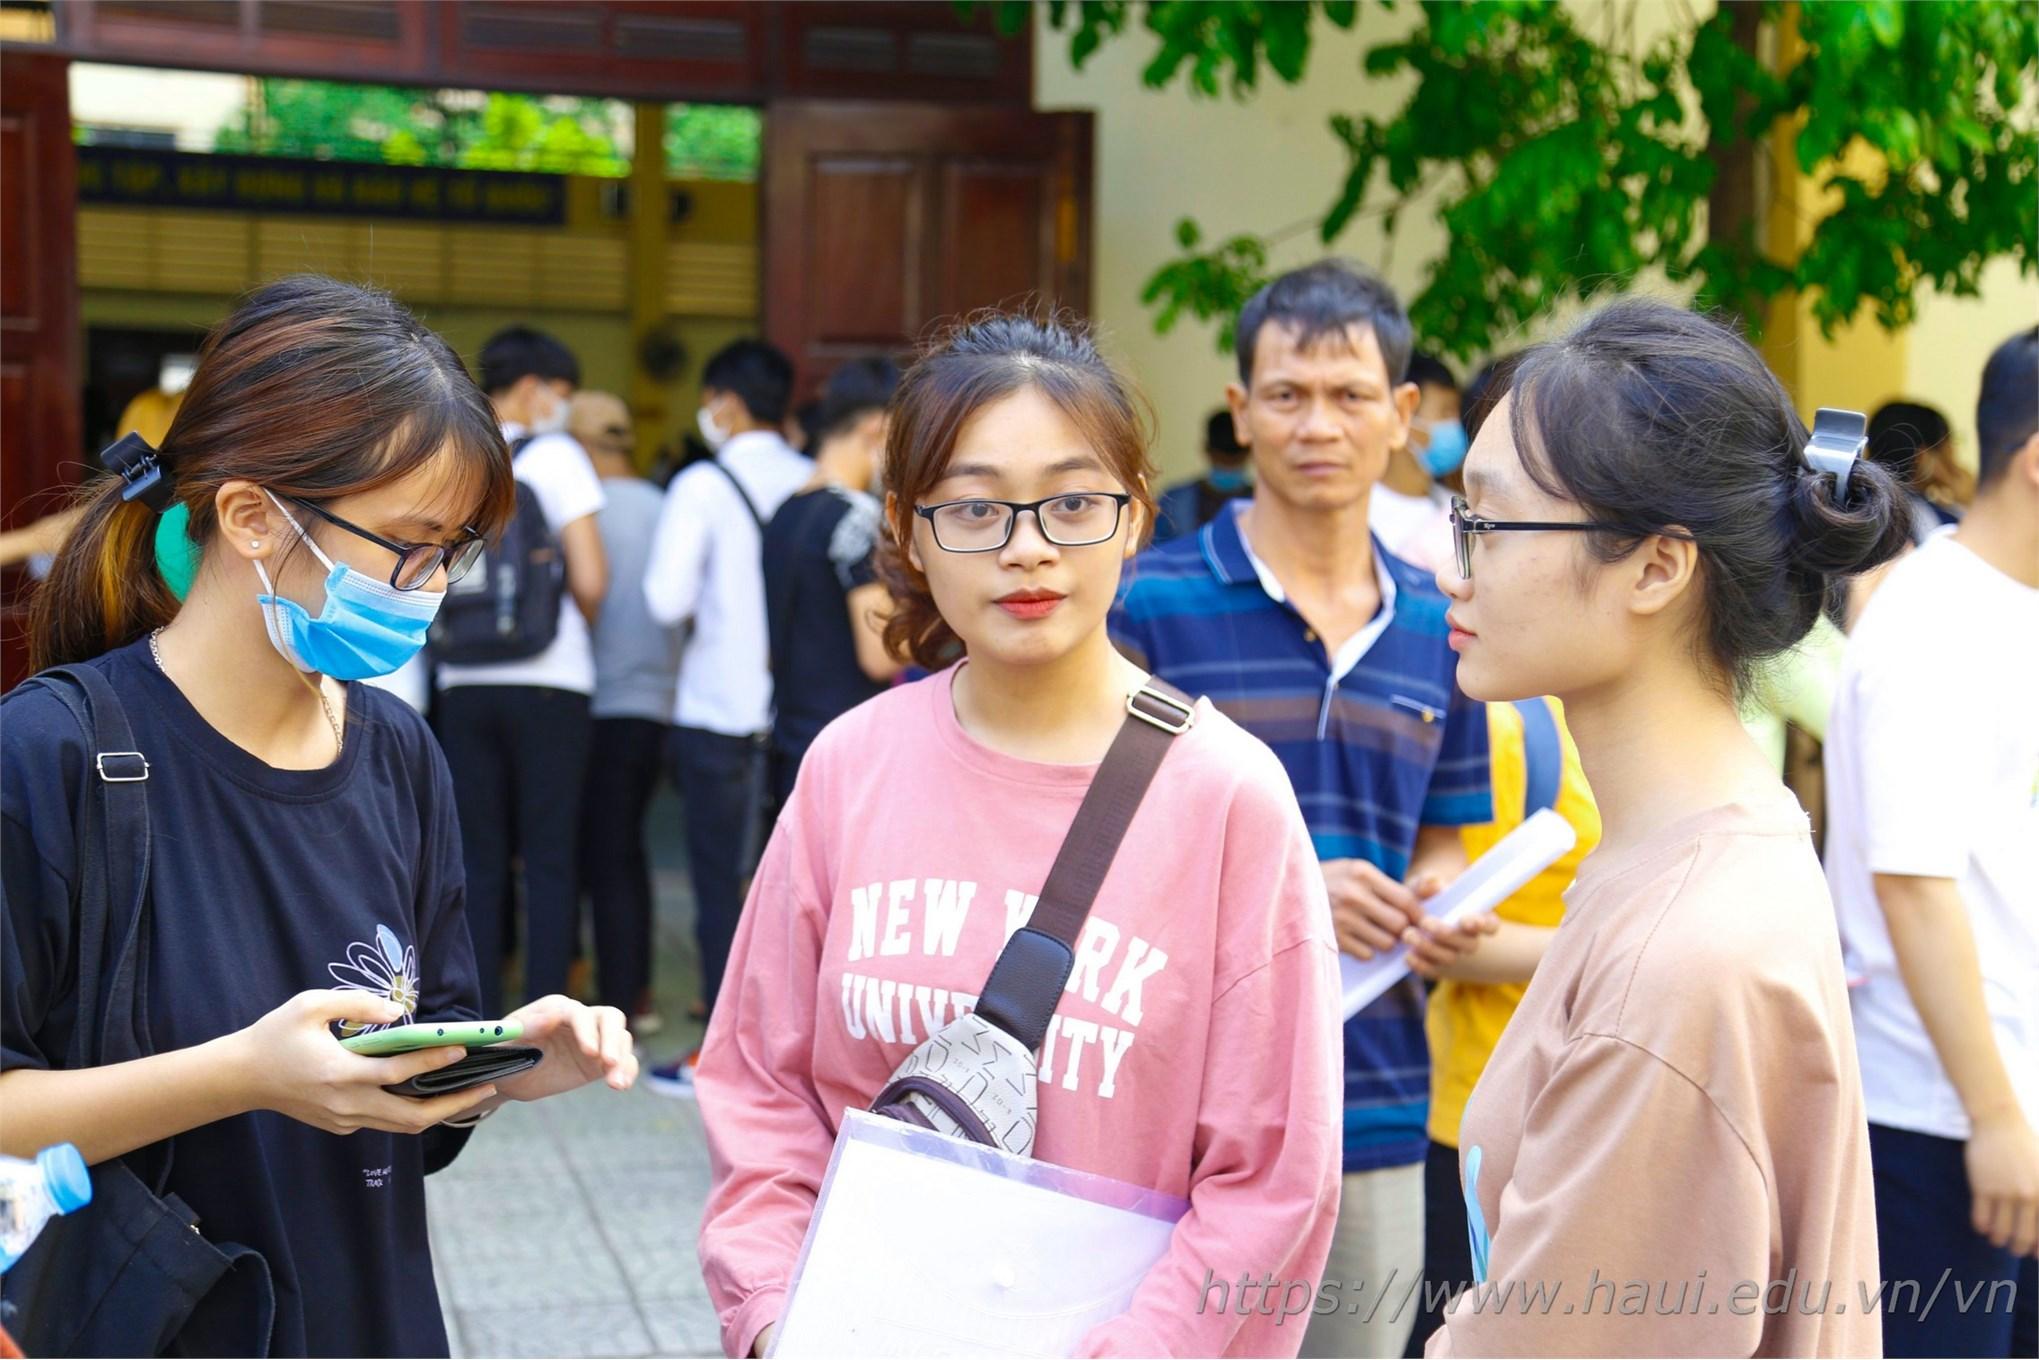 Nhóm bạn thân đến từ Bắc Ninh, cùng thi đỗ vào Đại học Công nghiệp Hà Nội đã hoàn tất thủ tục xác nhận nhập học